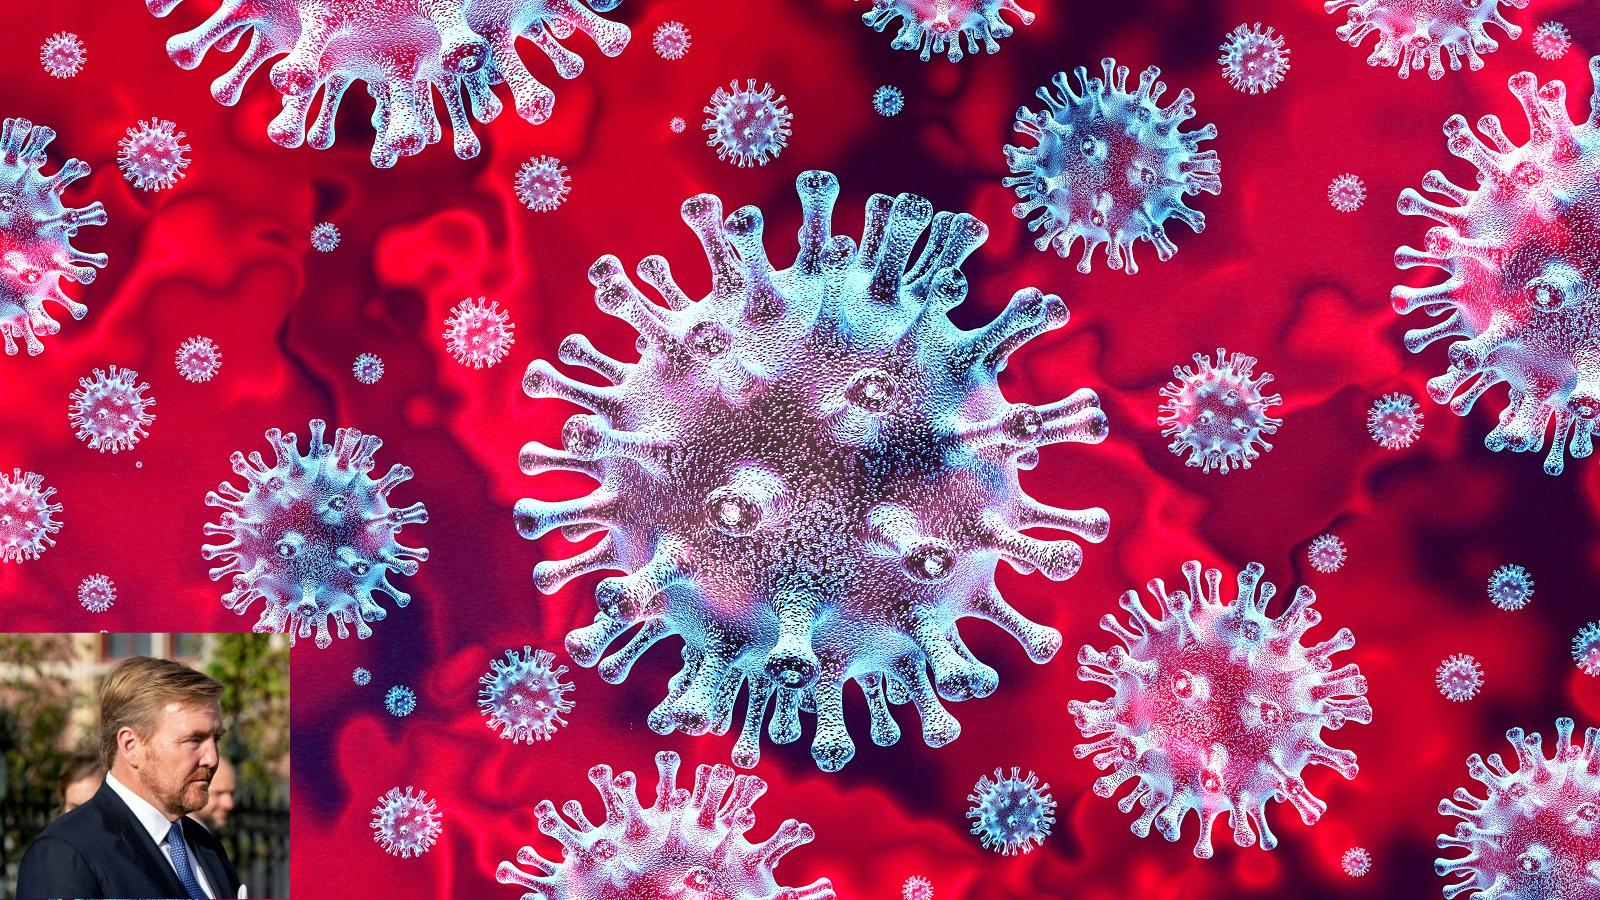 Eenzaamheidsvirus - Column Martine Reesink voor supportbeurs.nl